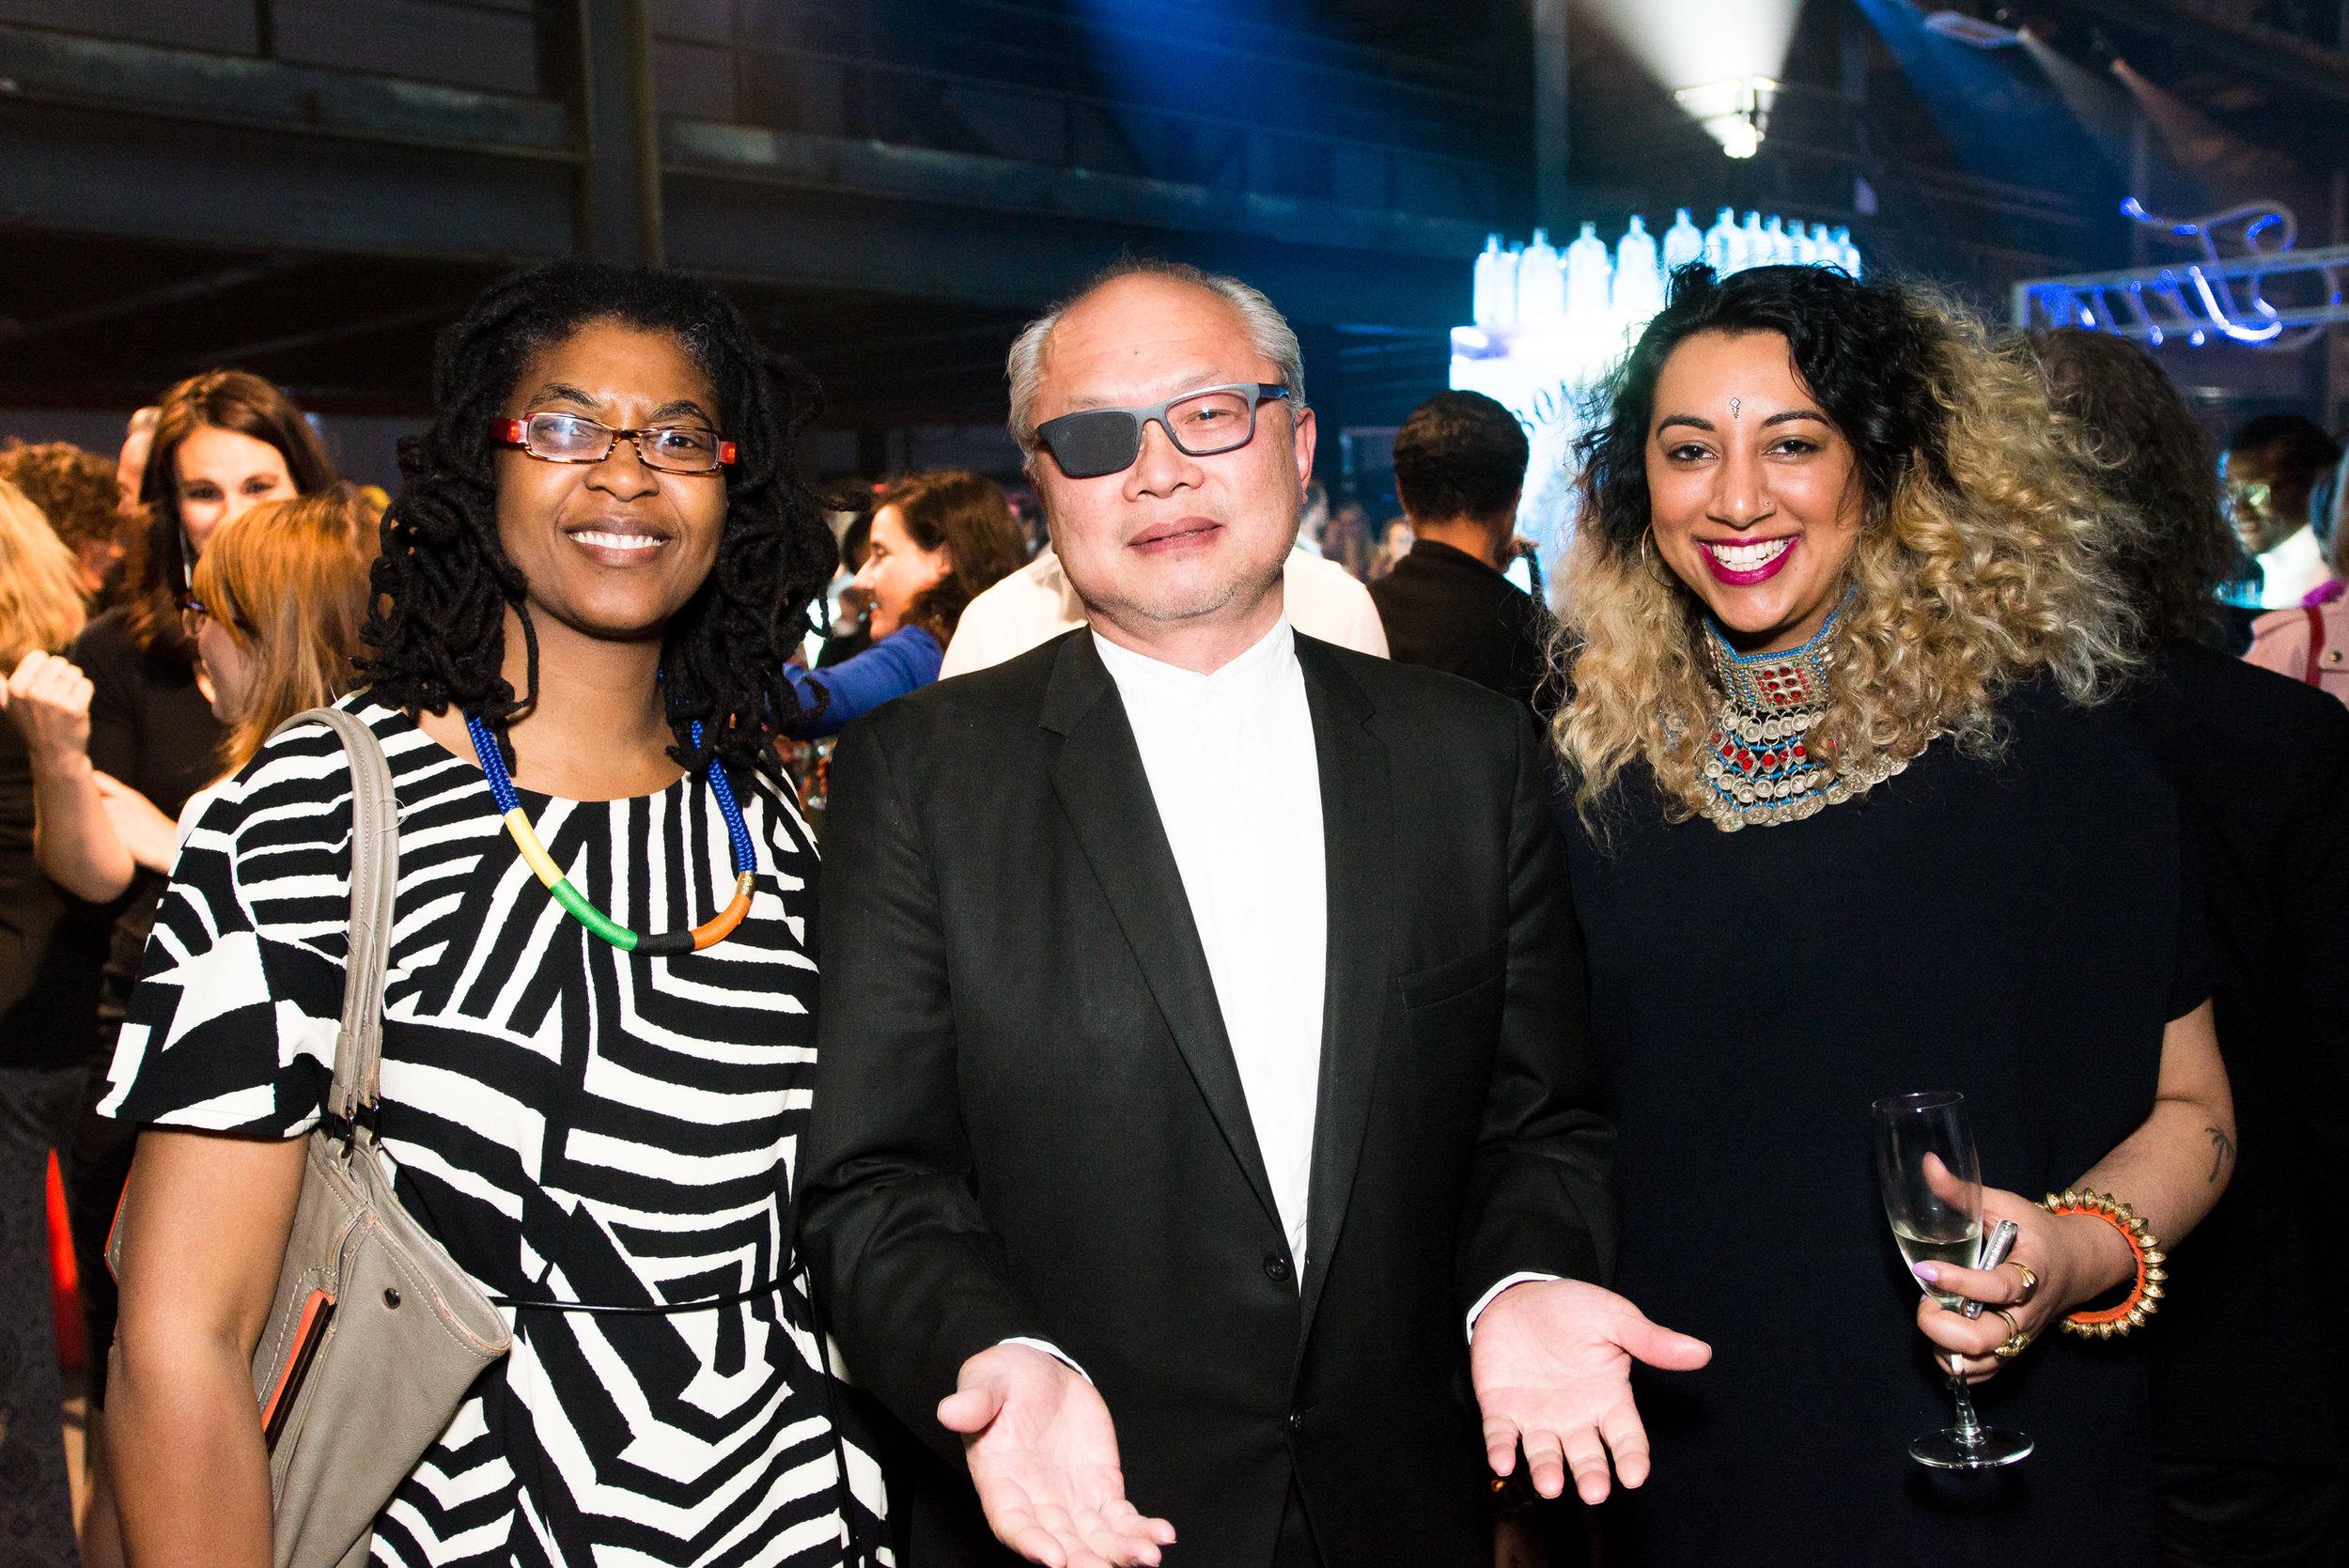 Kemi Liesanmi, Moe Chin and Diya Bij at Creativetime Gala at Brooklyn Navy Yards